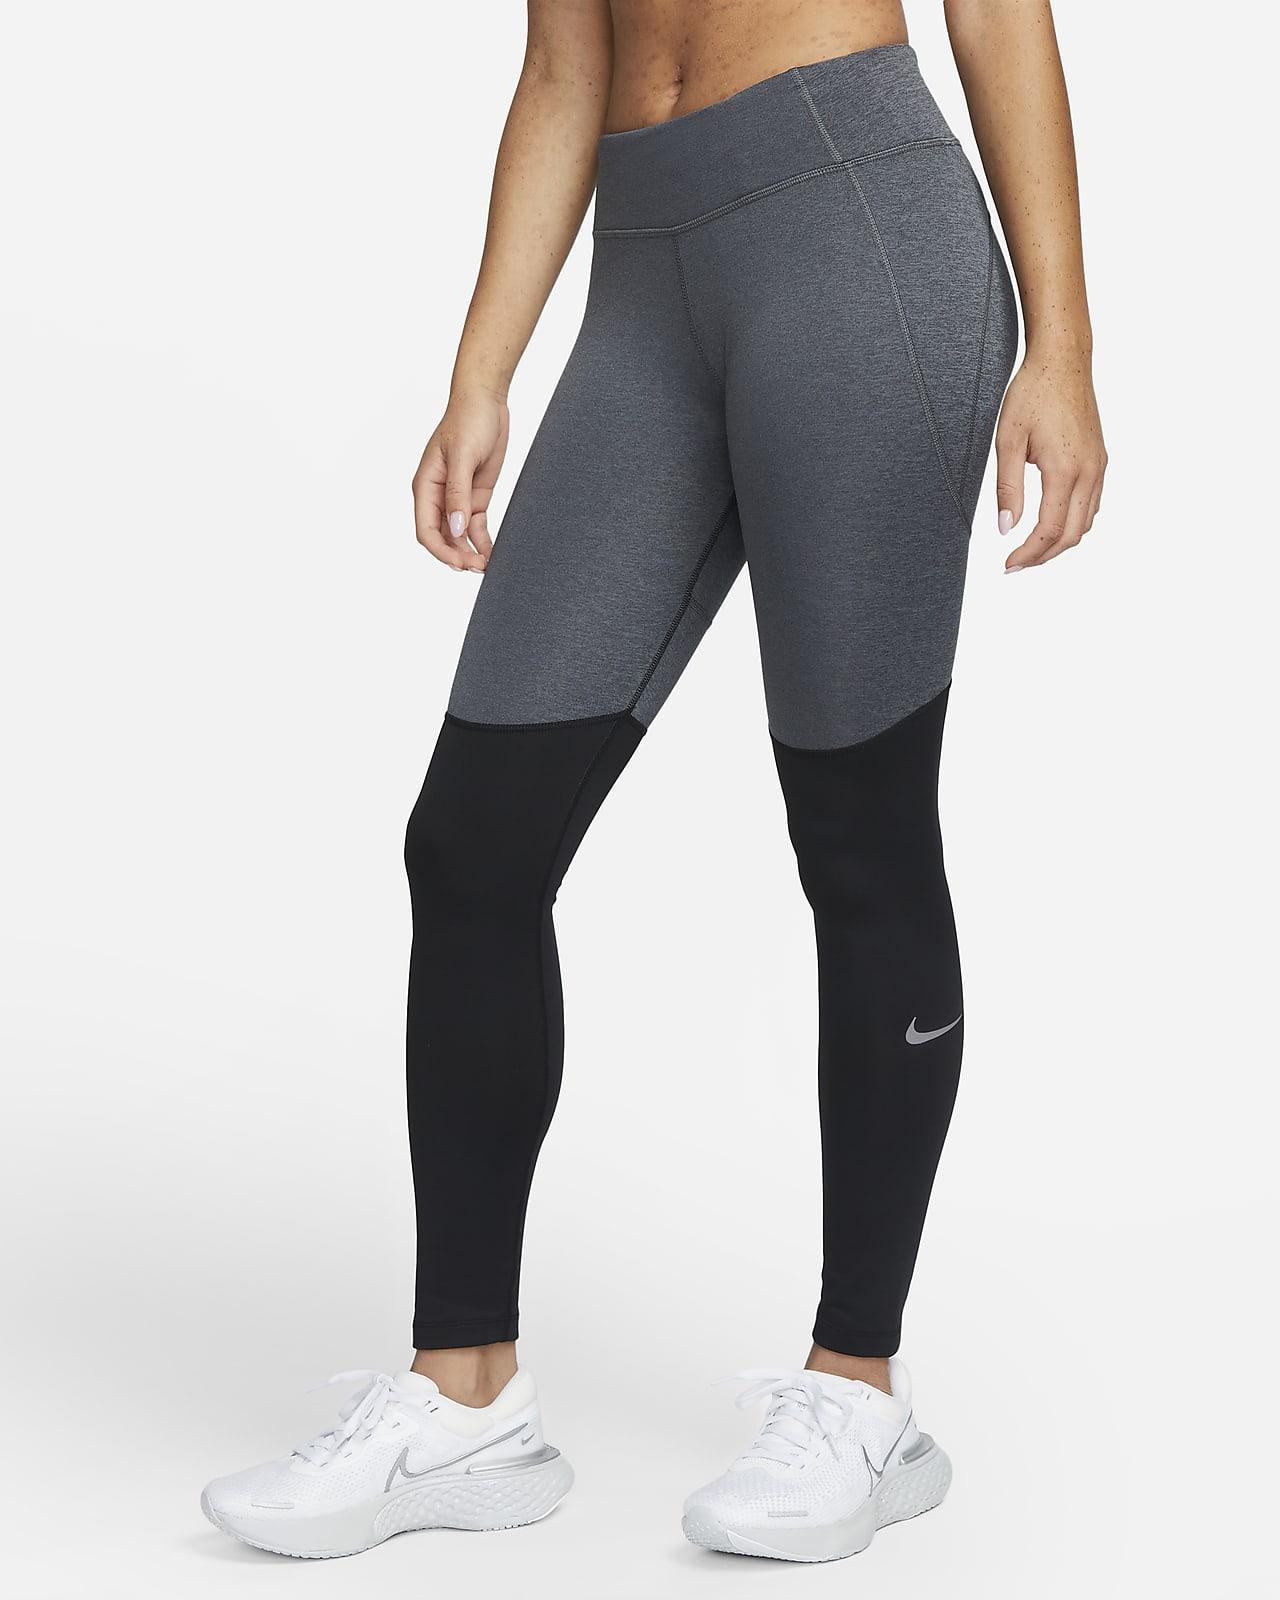 Nike Fast Women's Mid-Rise Running Leggings